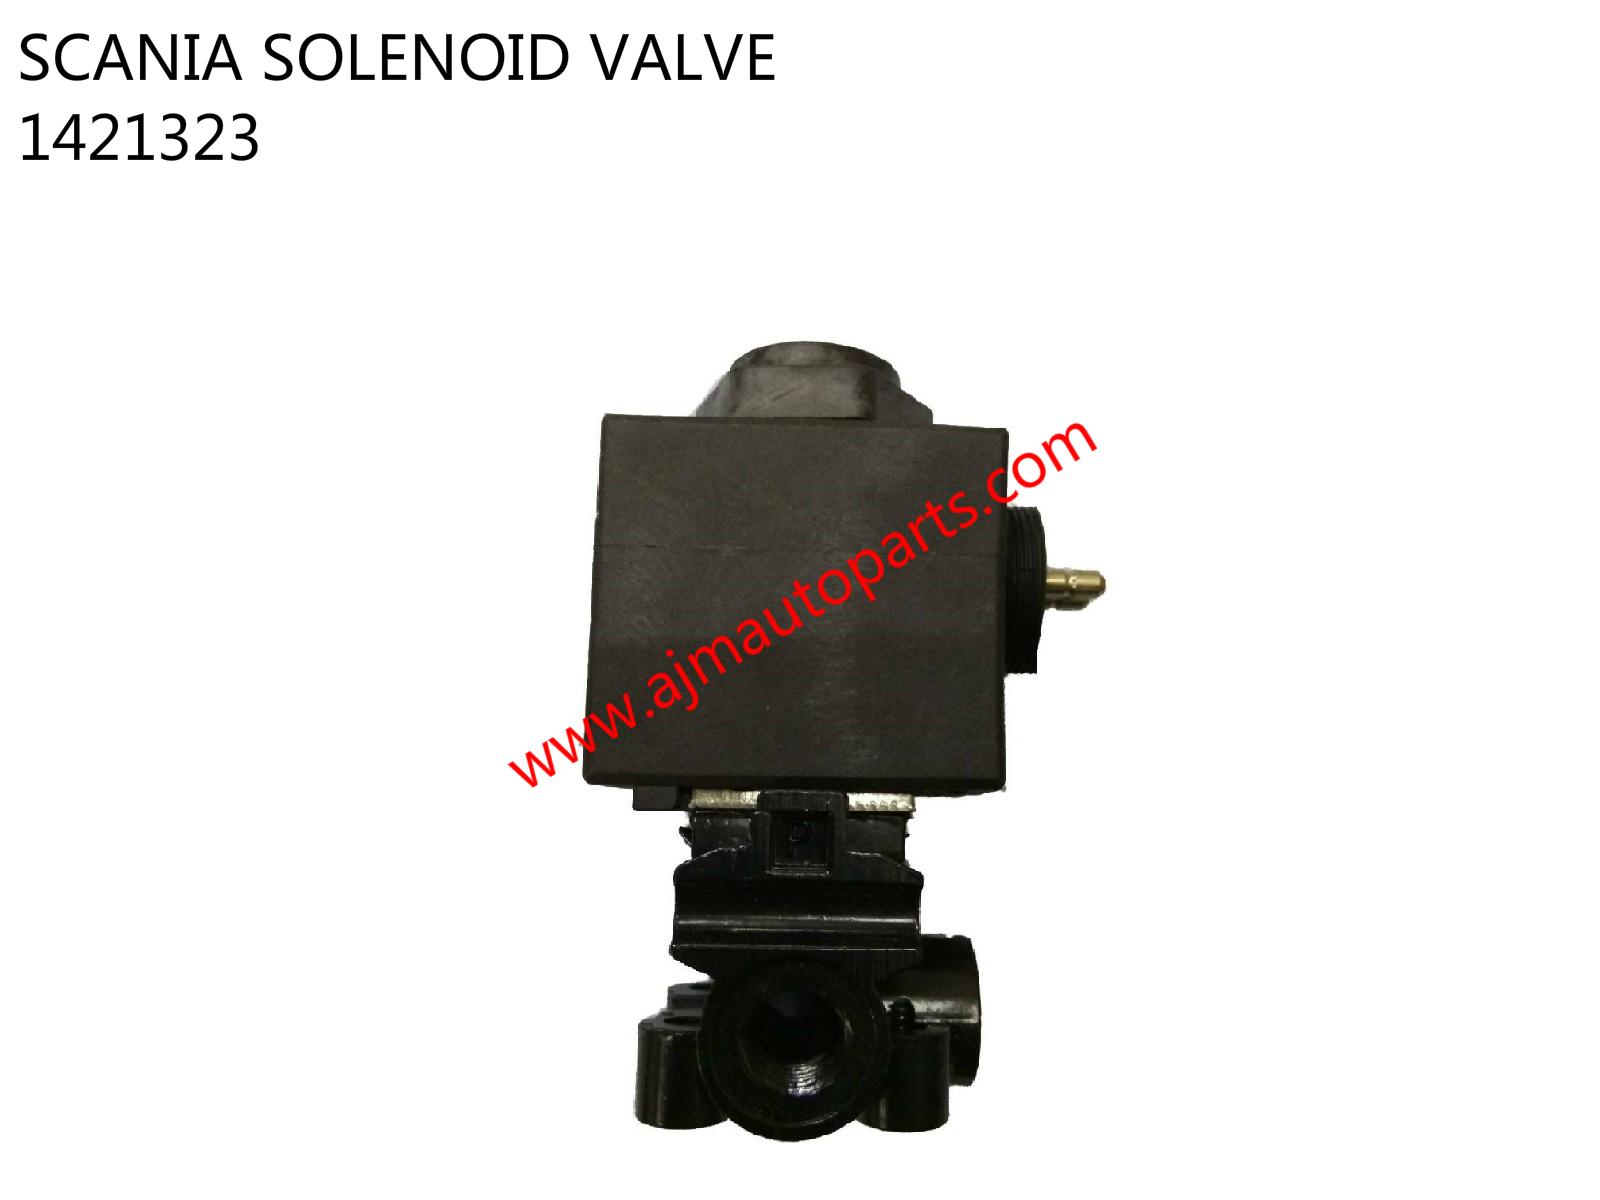 SCANIA SOLENOID VALVE-1421323